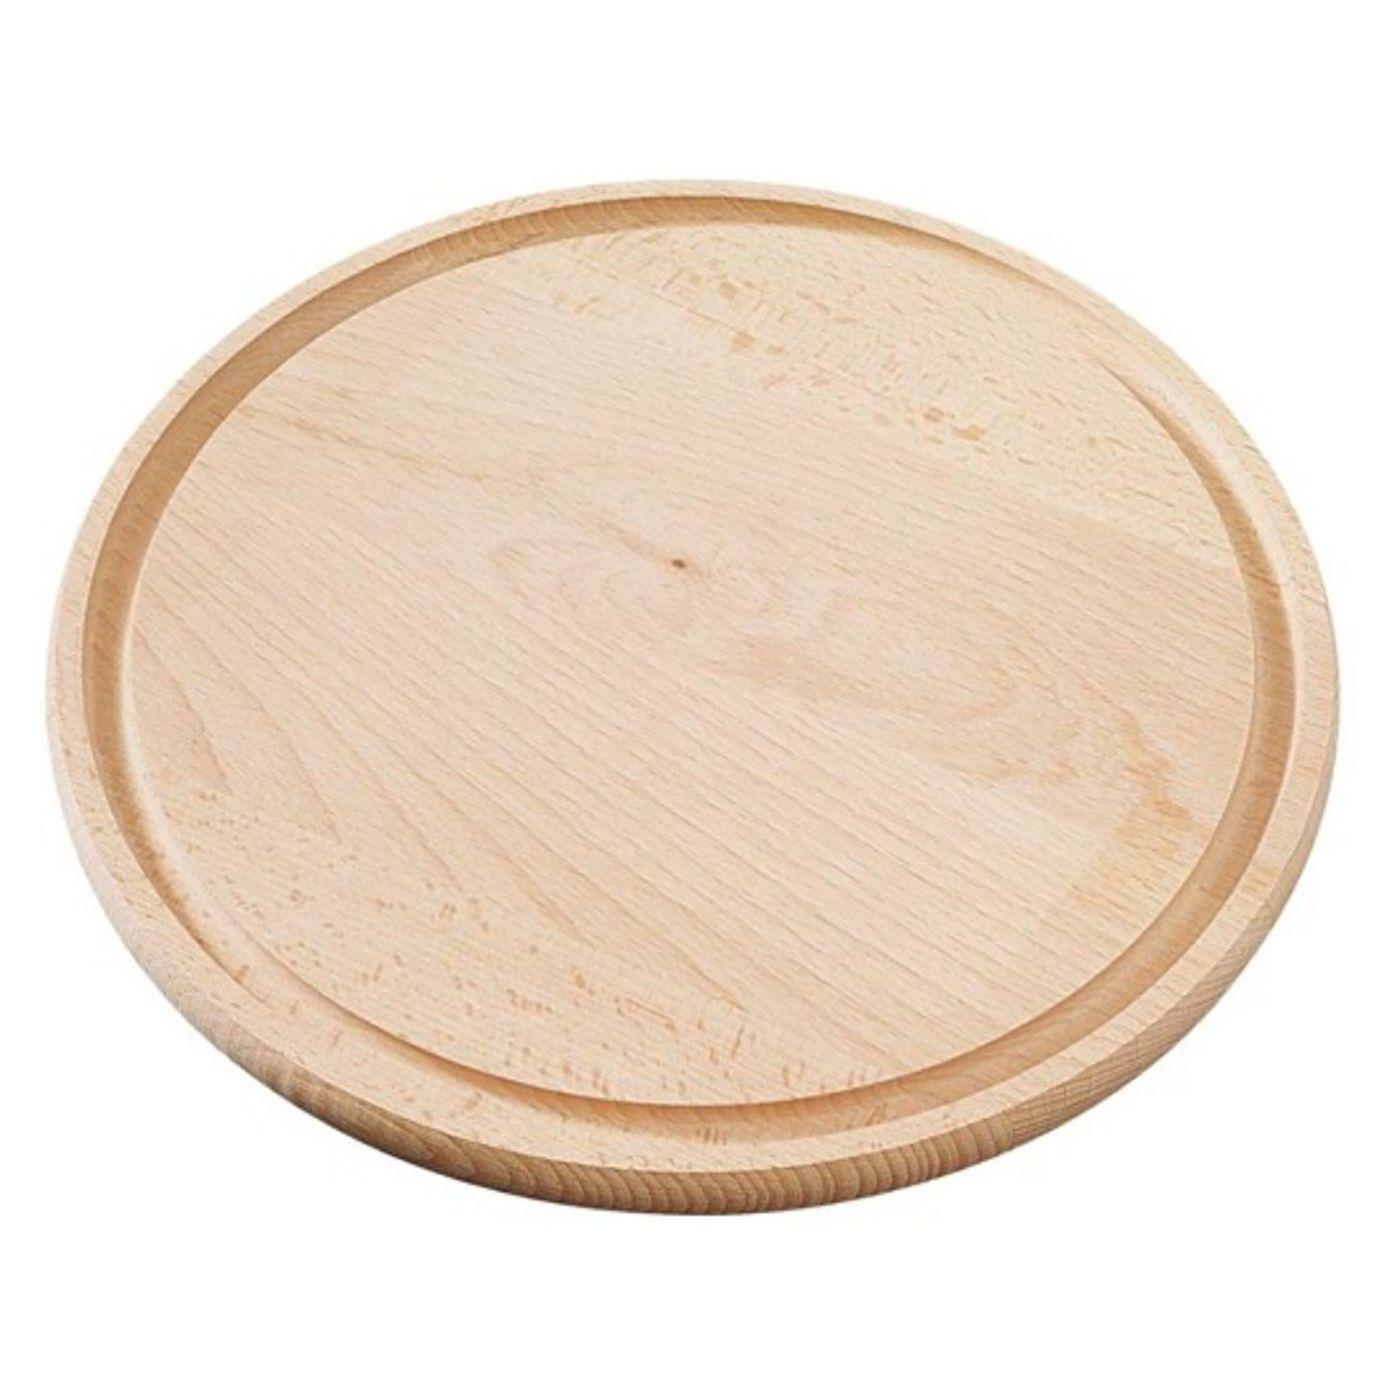 Ξύλο κοπής στρογγυλό 30cm με αυλάκωση